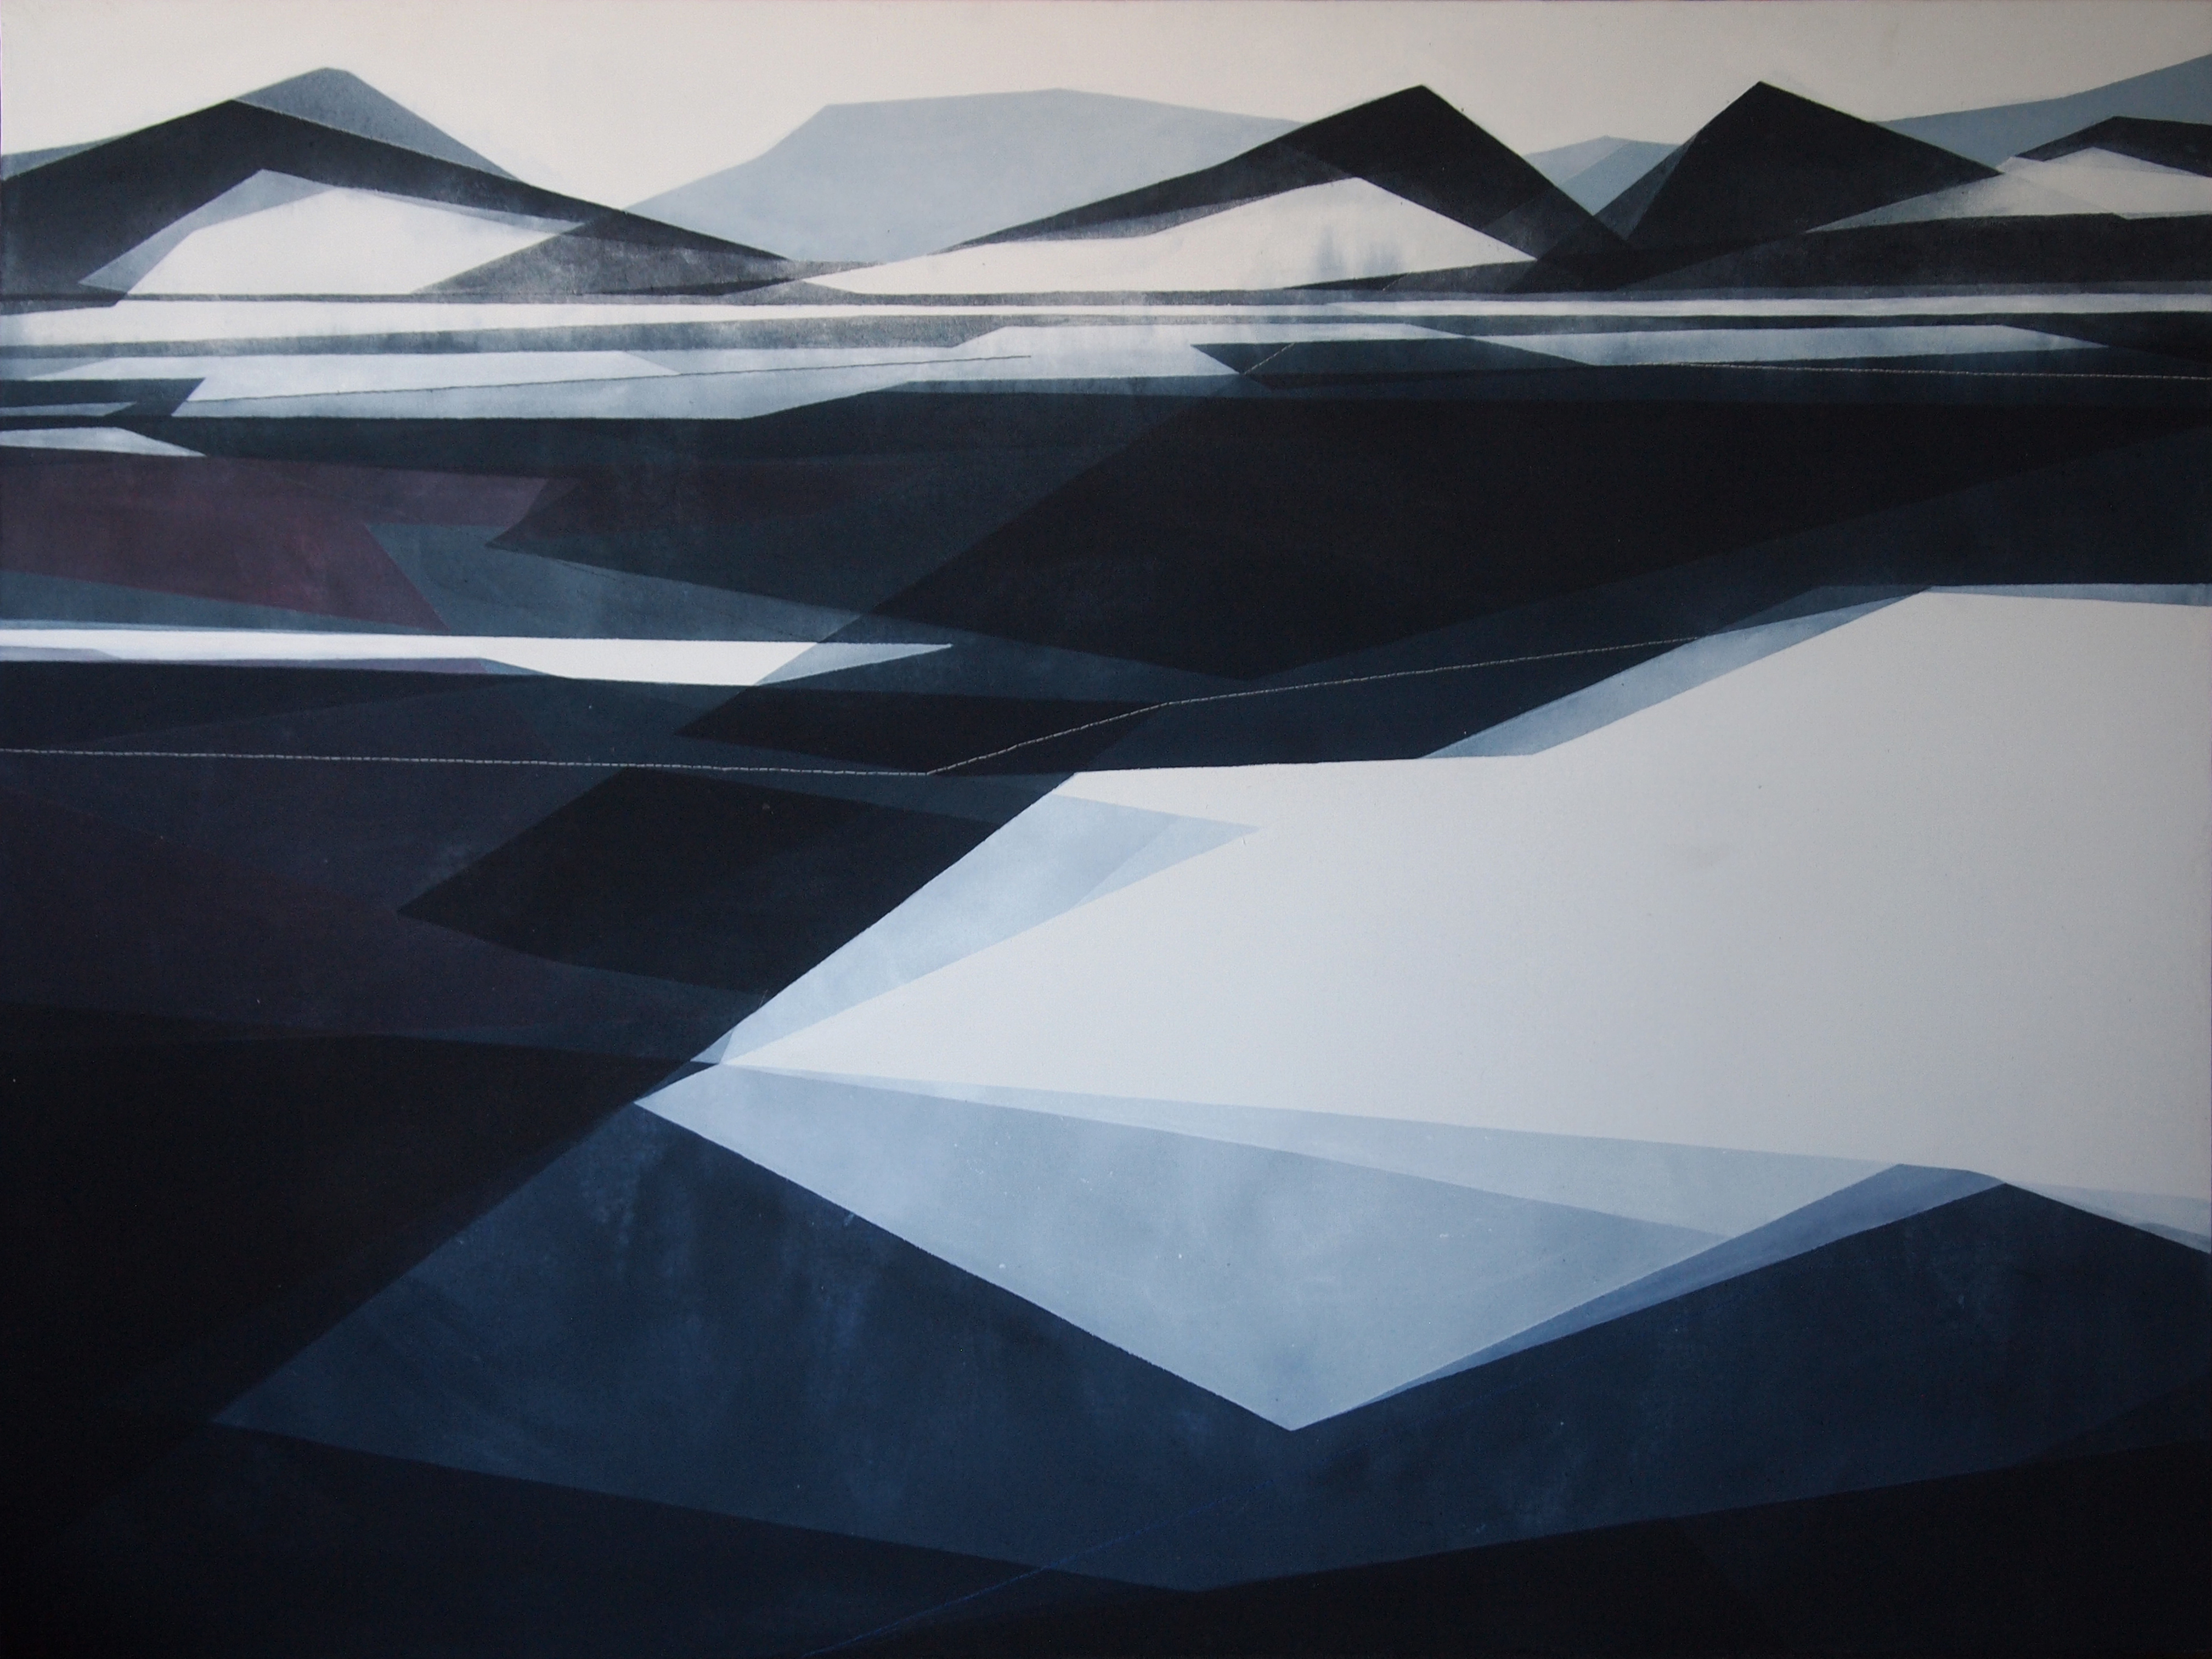 Nuove prospettive, 102x75cm 2017. Acrilico acquerellato e tessiture su tela - Watercolour on acrylic and weaving on canvas.